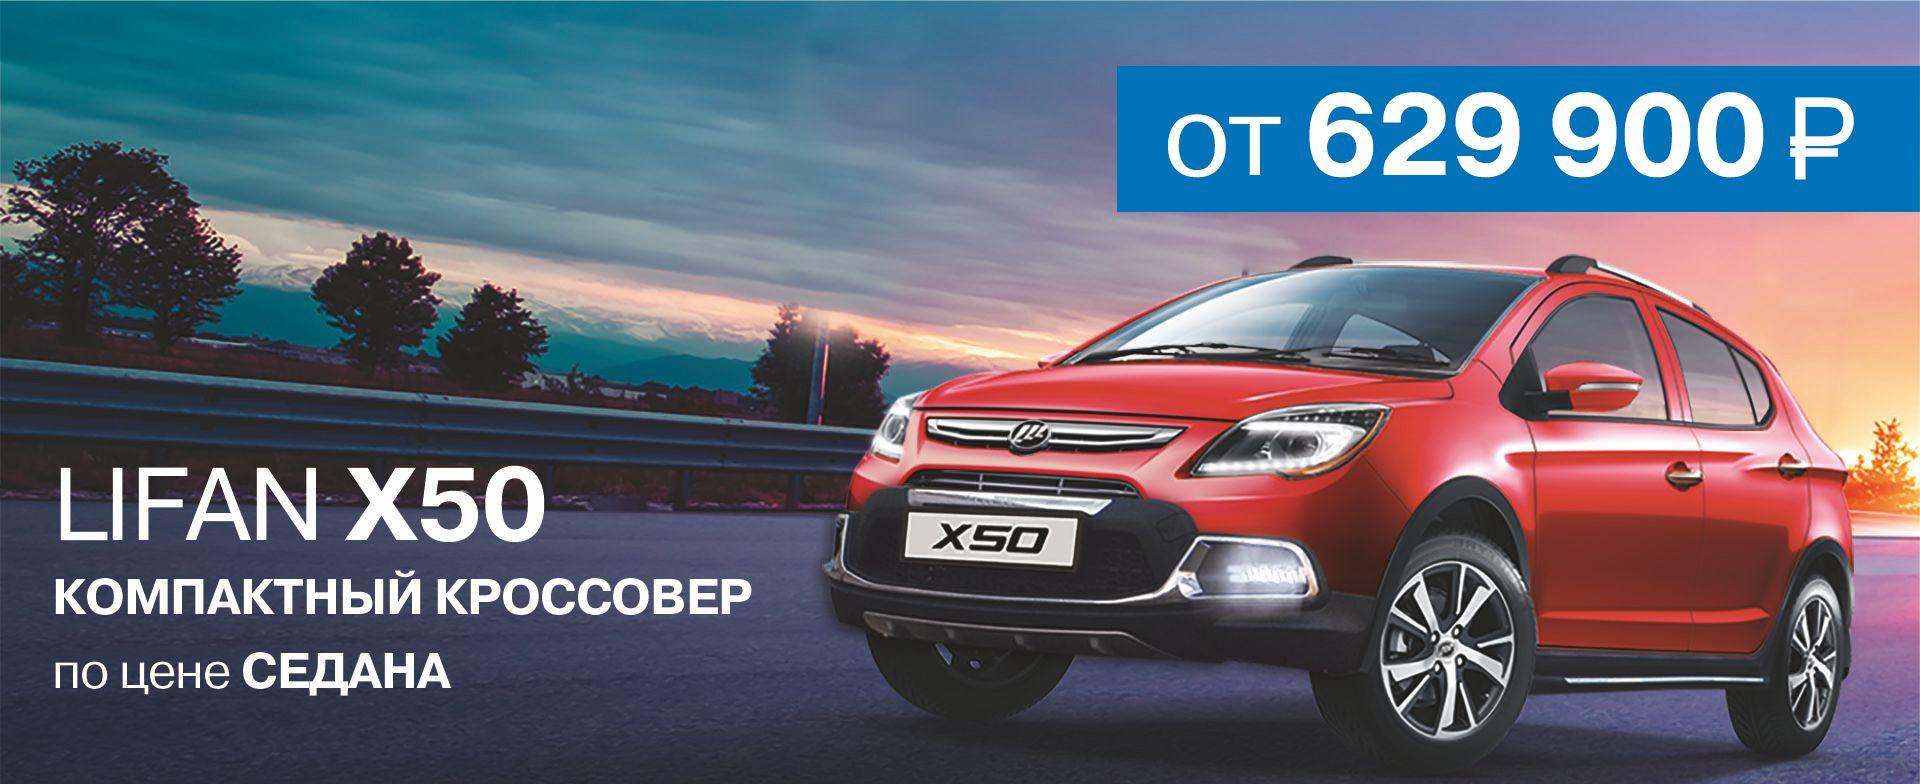 LIFAN X50 2017 года от 629 900 рублей. Спешите, осталось всего 4 автомобиля!